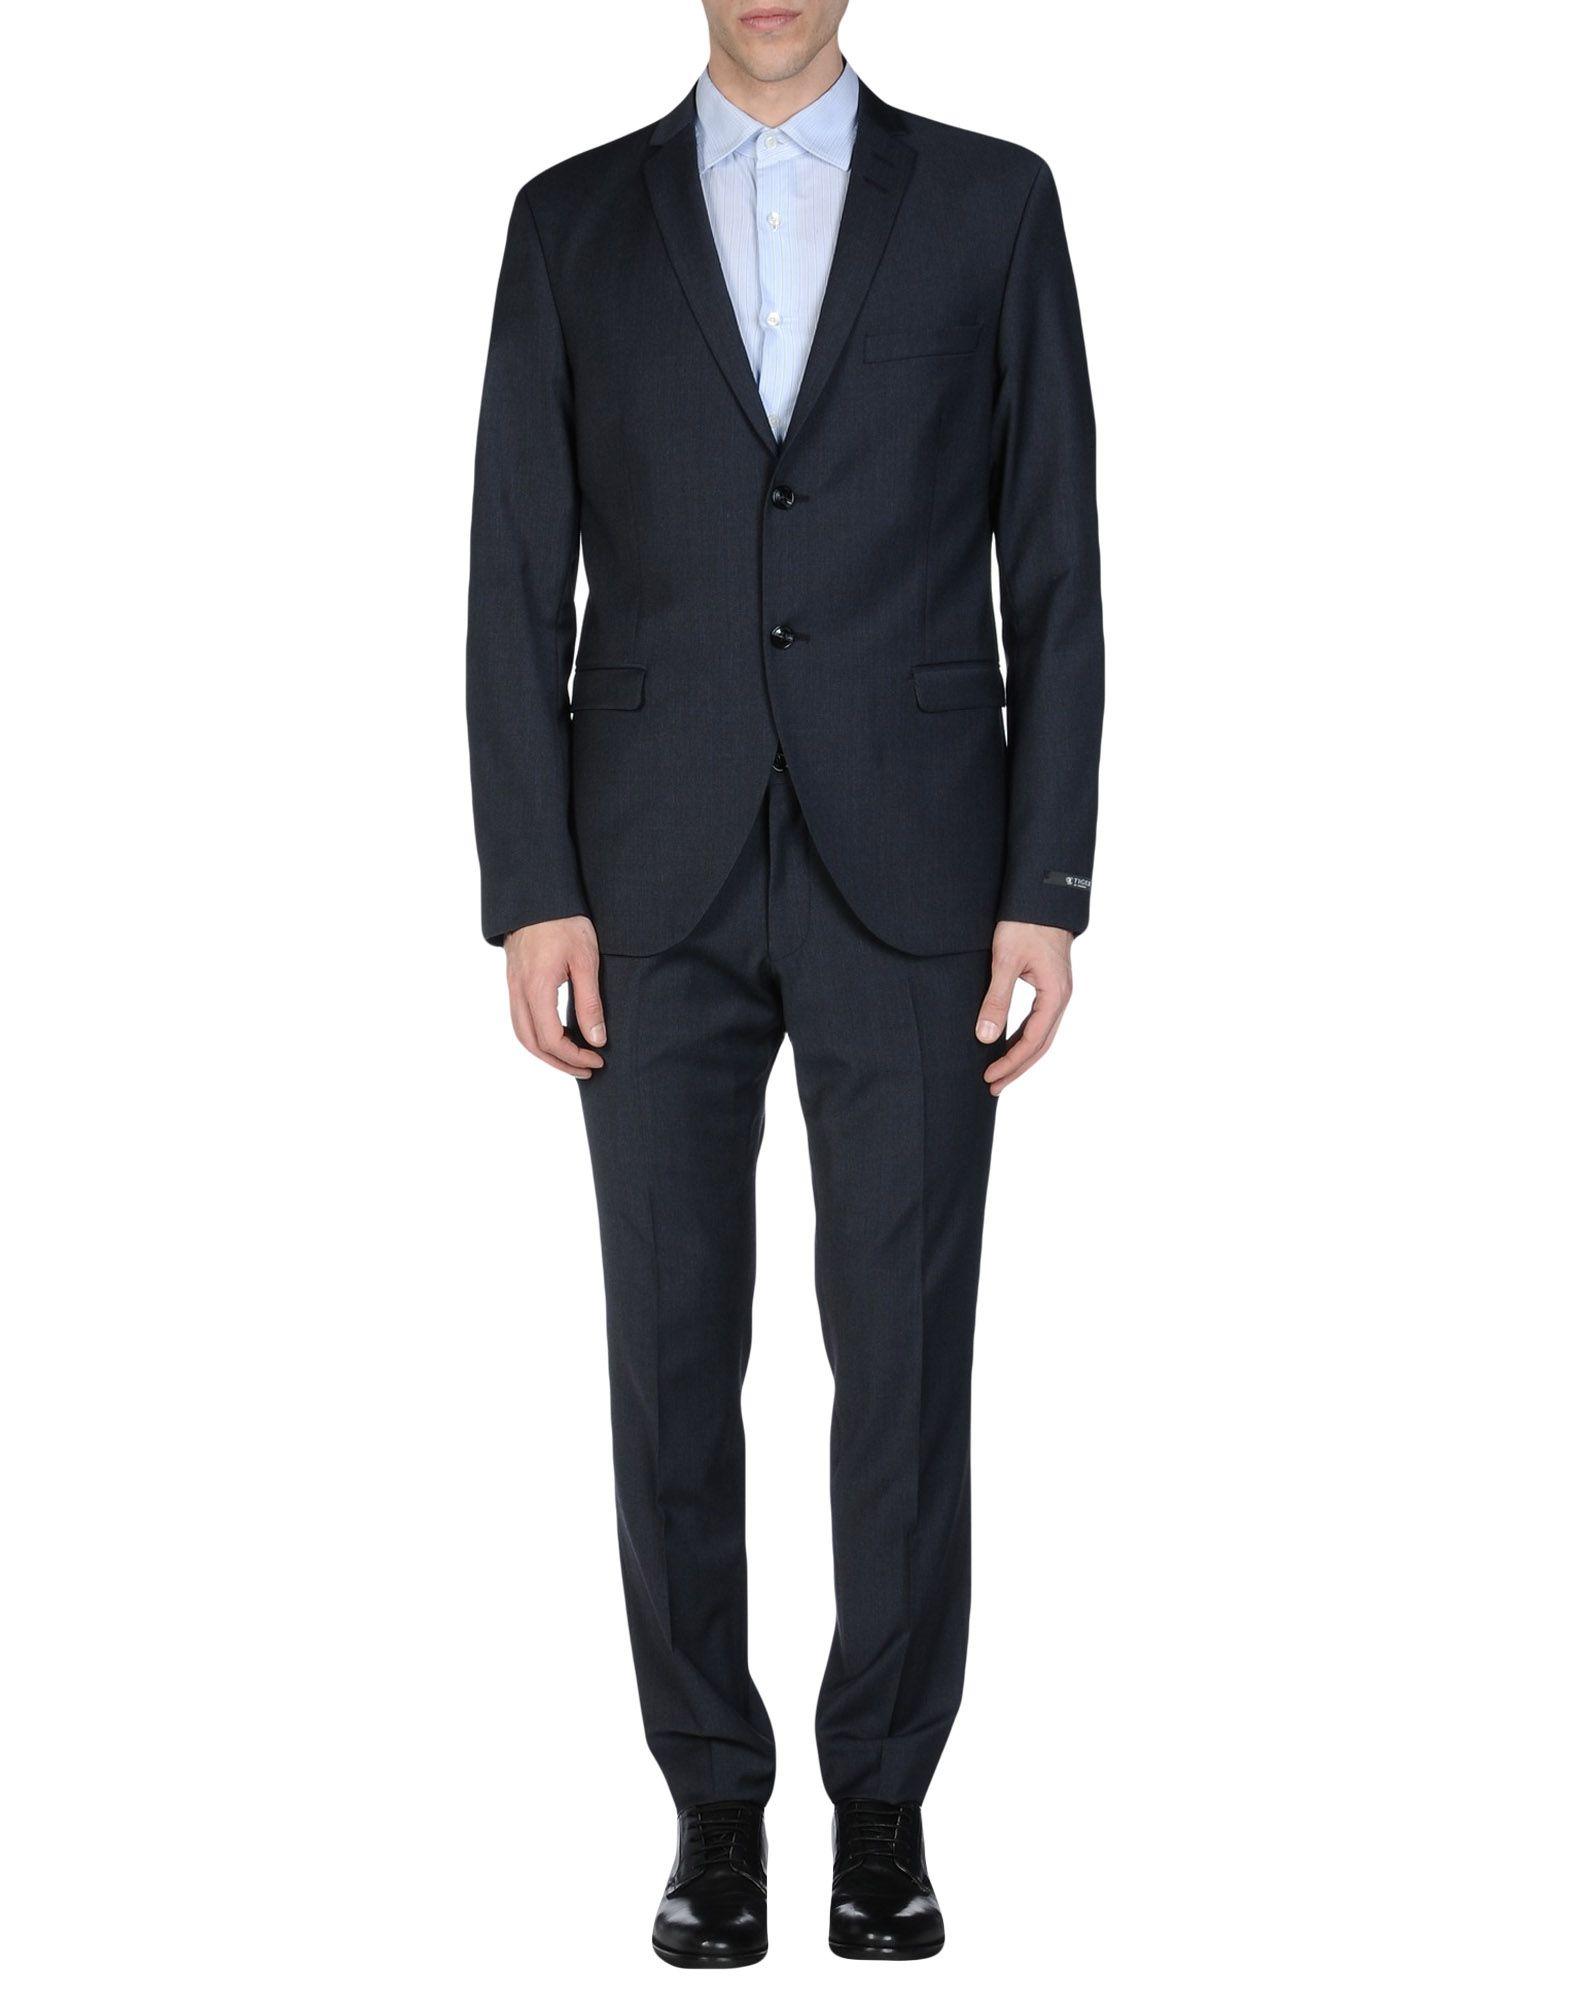 TIGER OF SWEDEN Herren Anzug Farbe Dunkelblau Größe 6